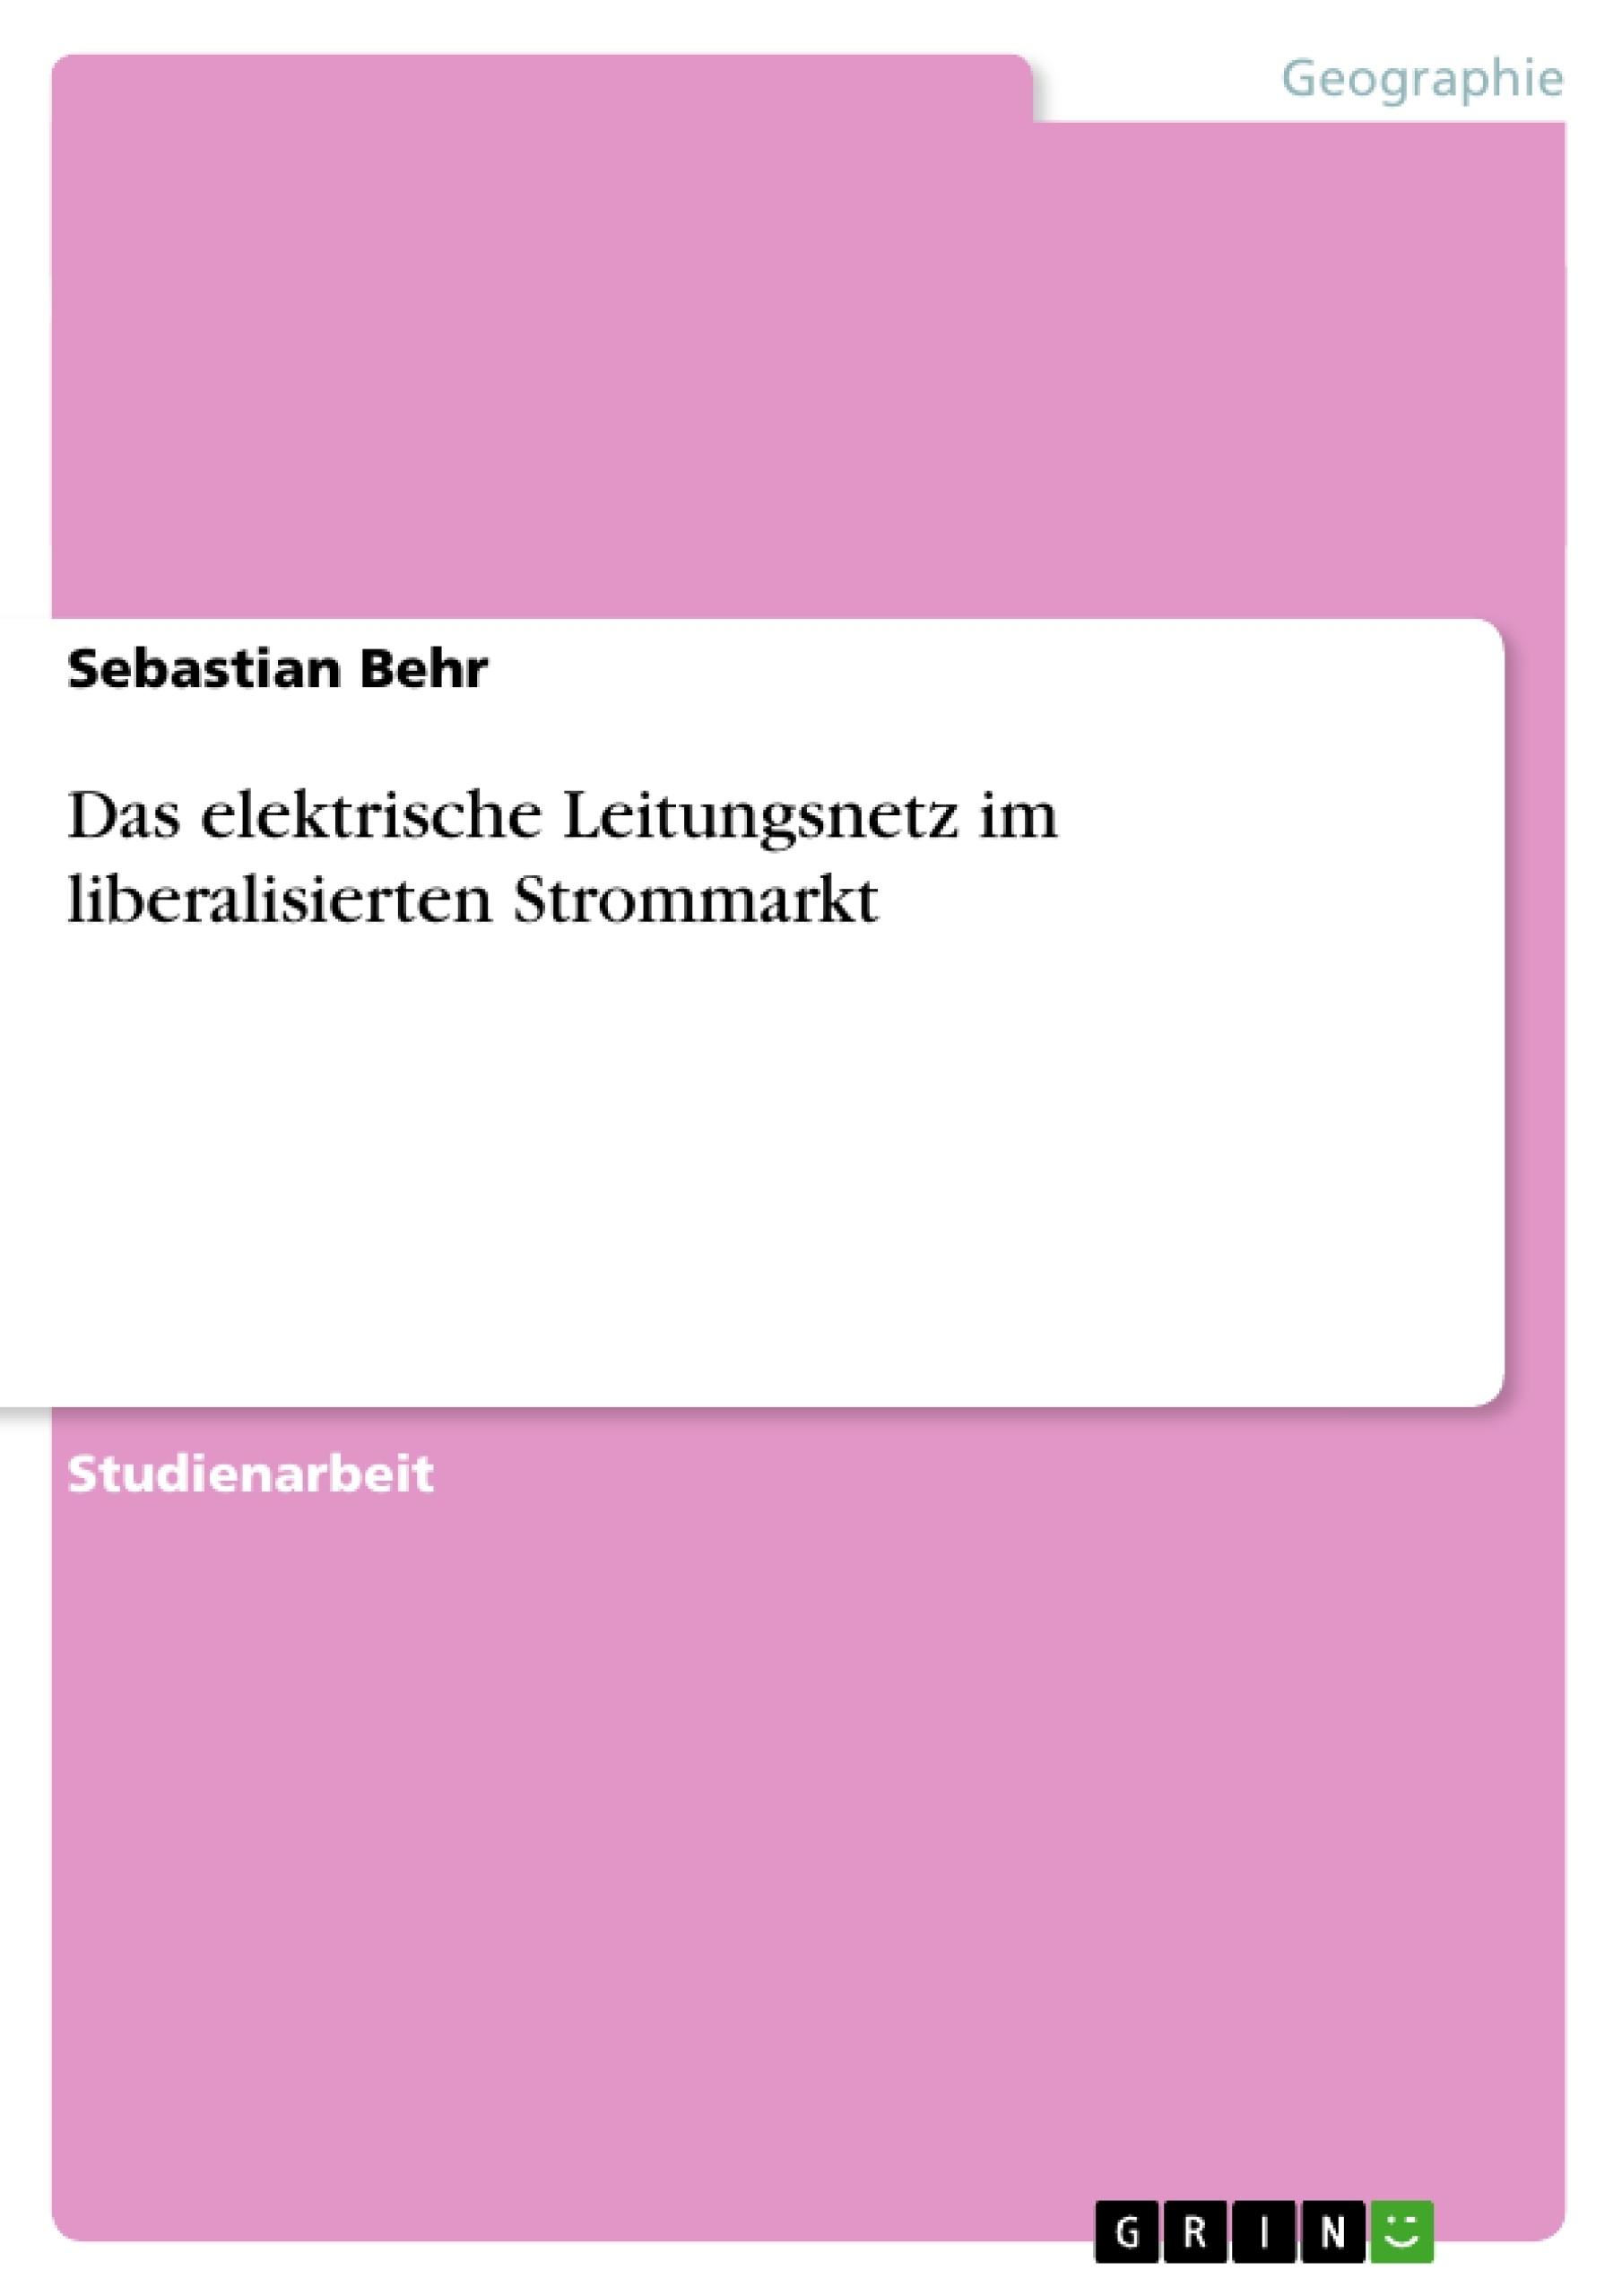 Titel: Das elektrische Leitungsnetz im liberalisierten Strommarkt